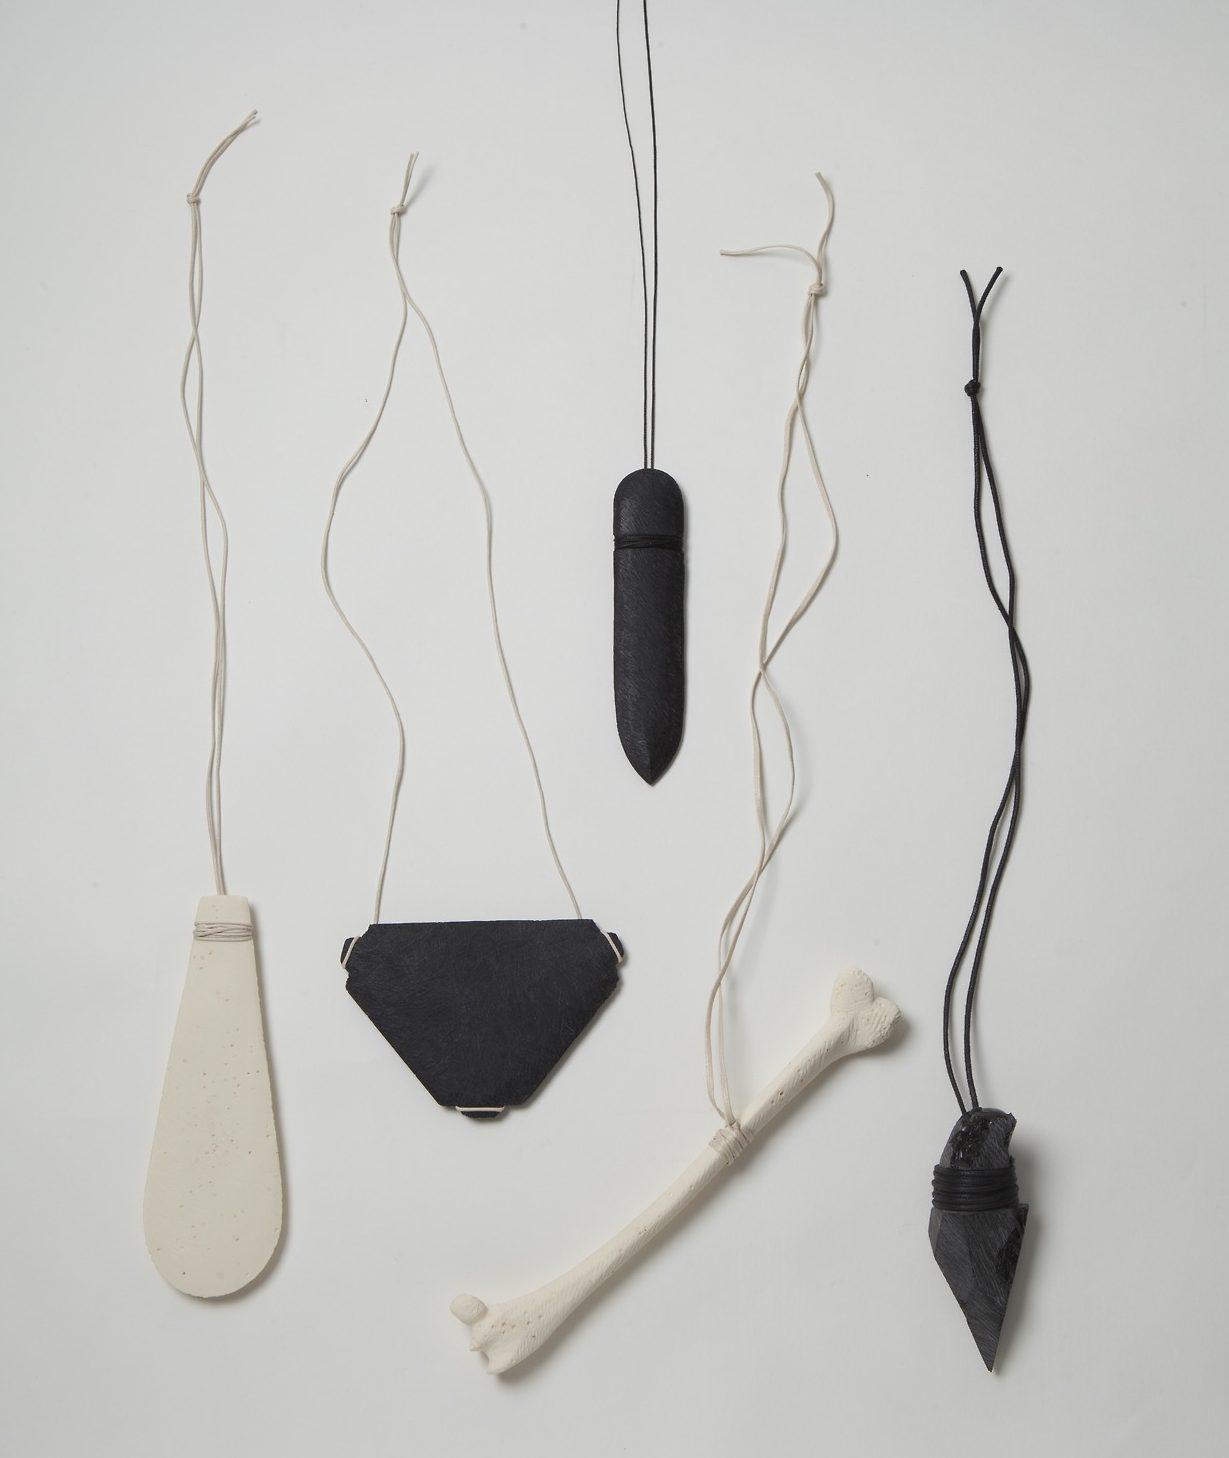 Florian Weichsberger, halssieraden. Foto met dank aan Florian Weichsberger©